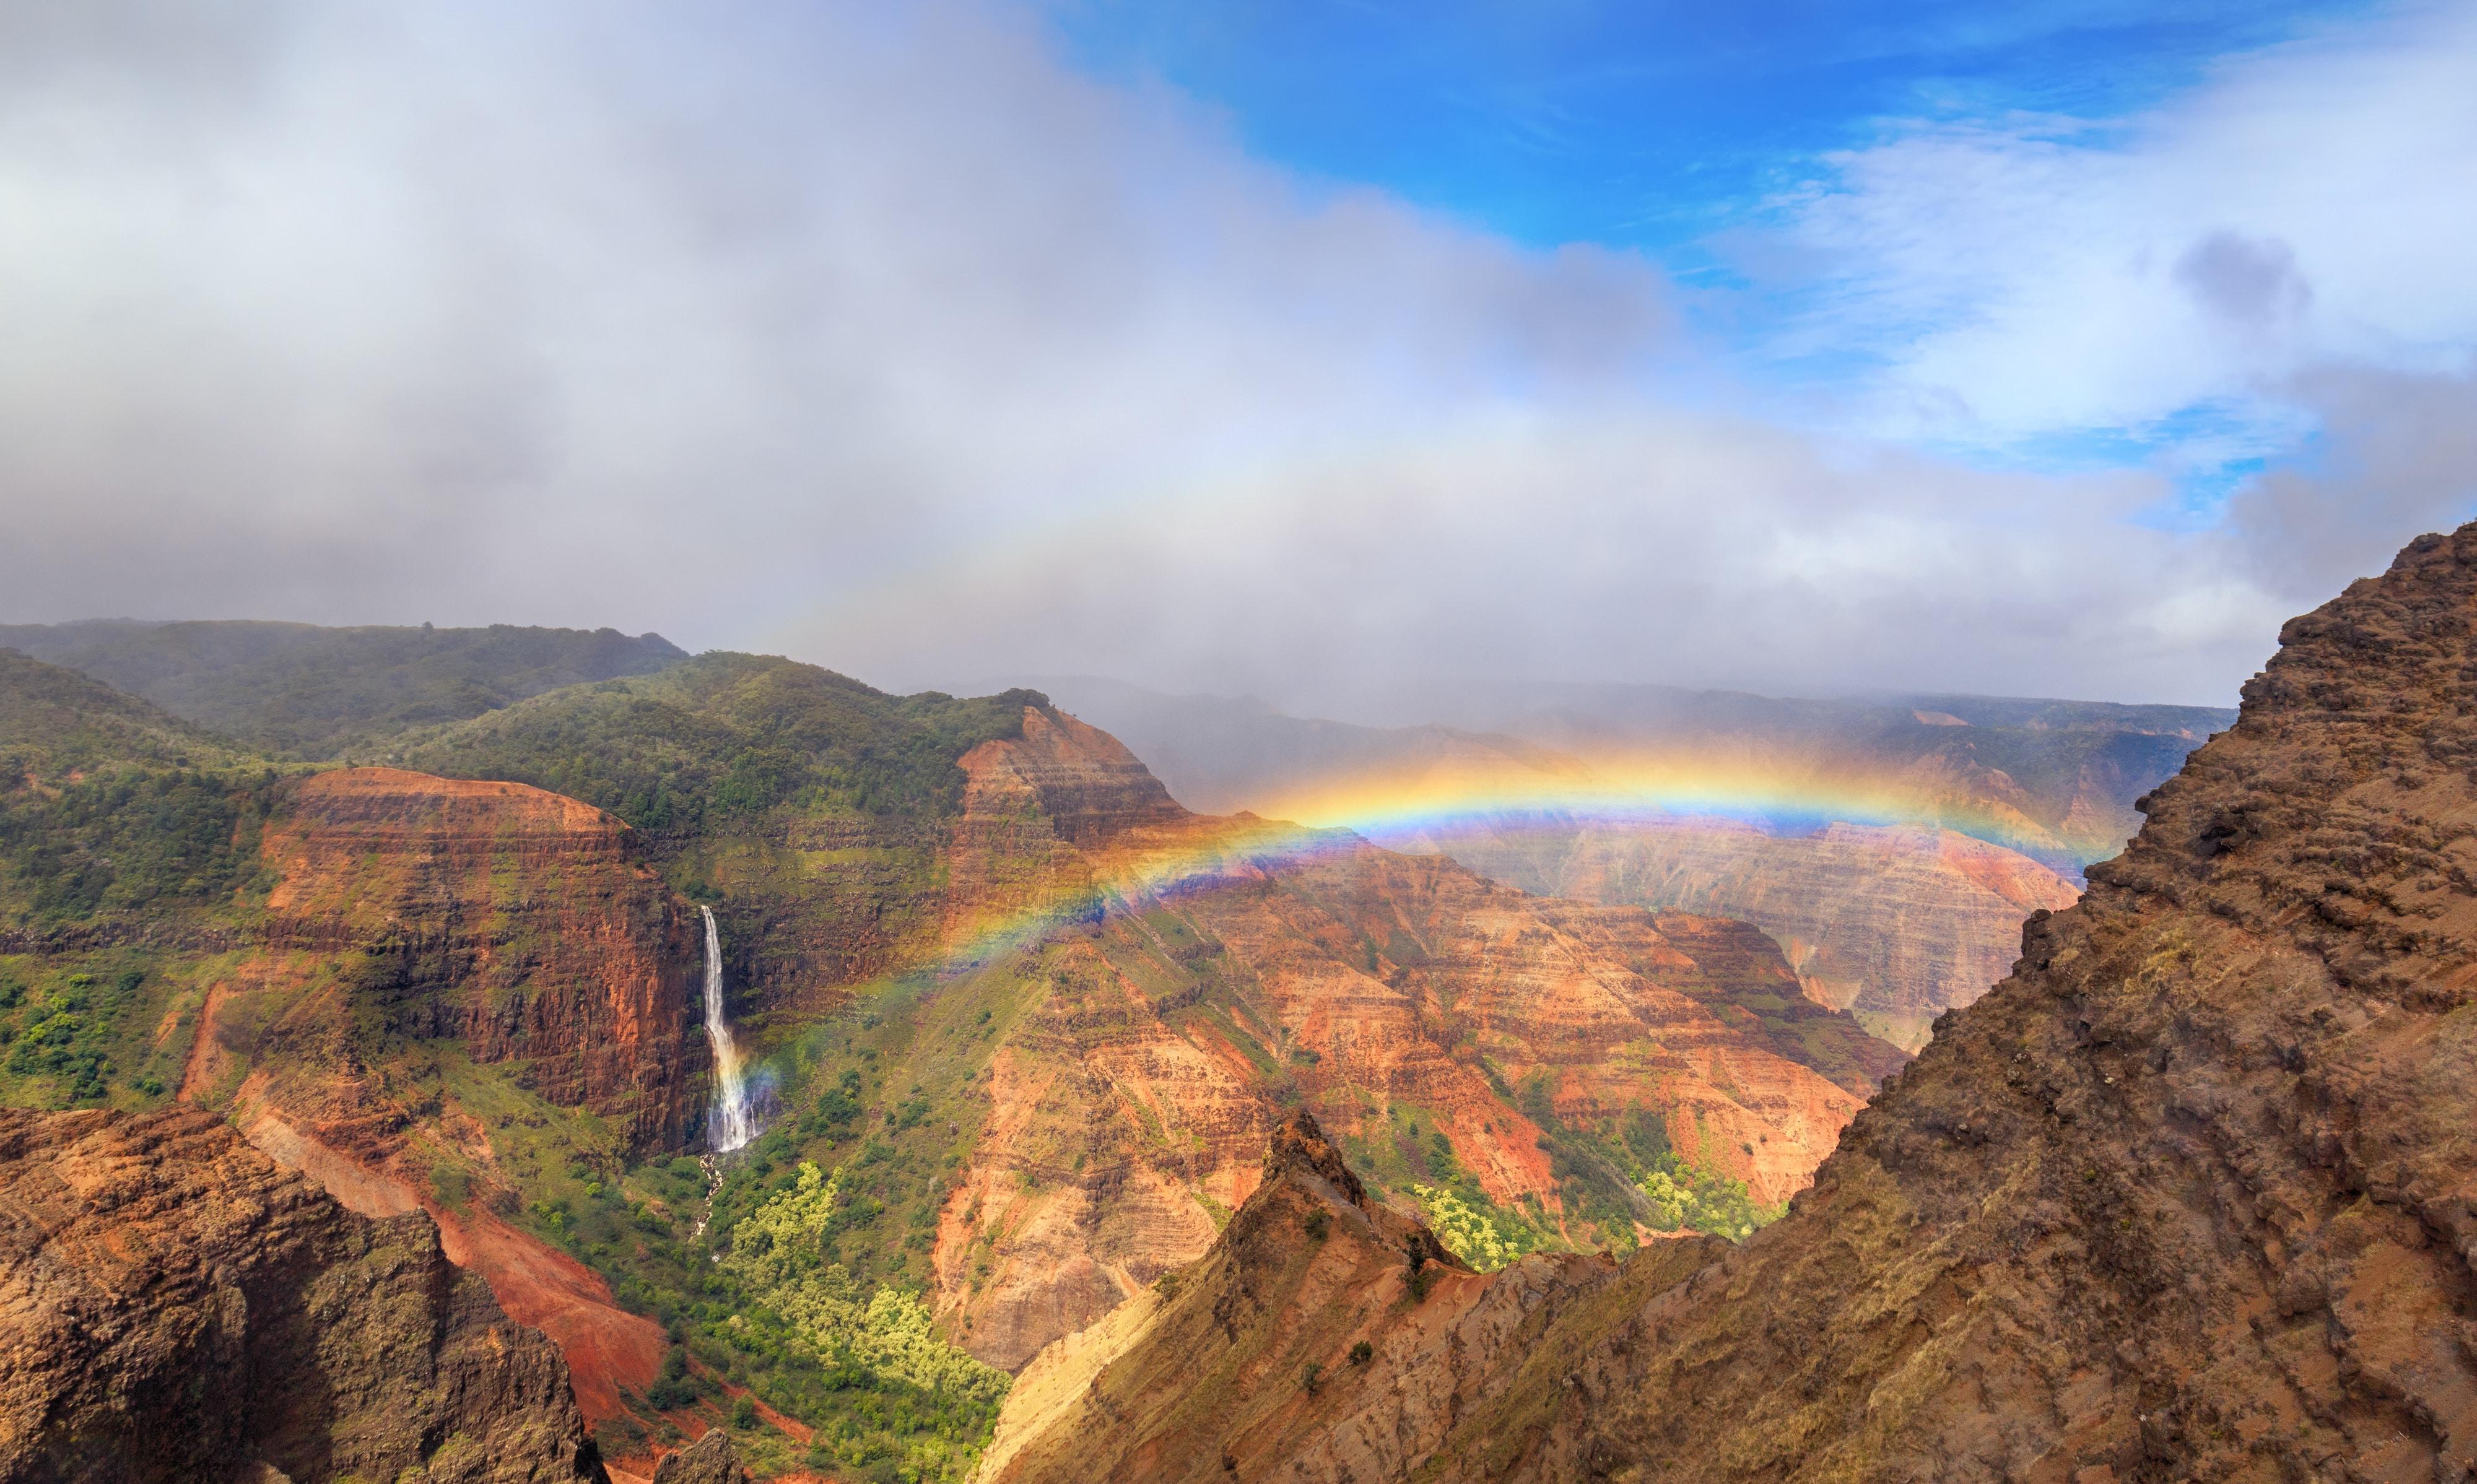 Waimai Canyon